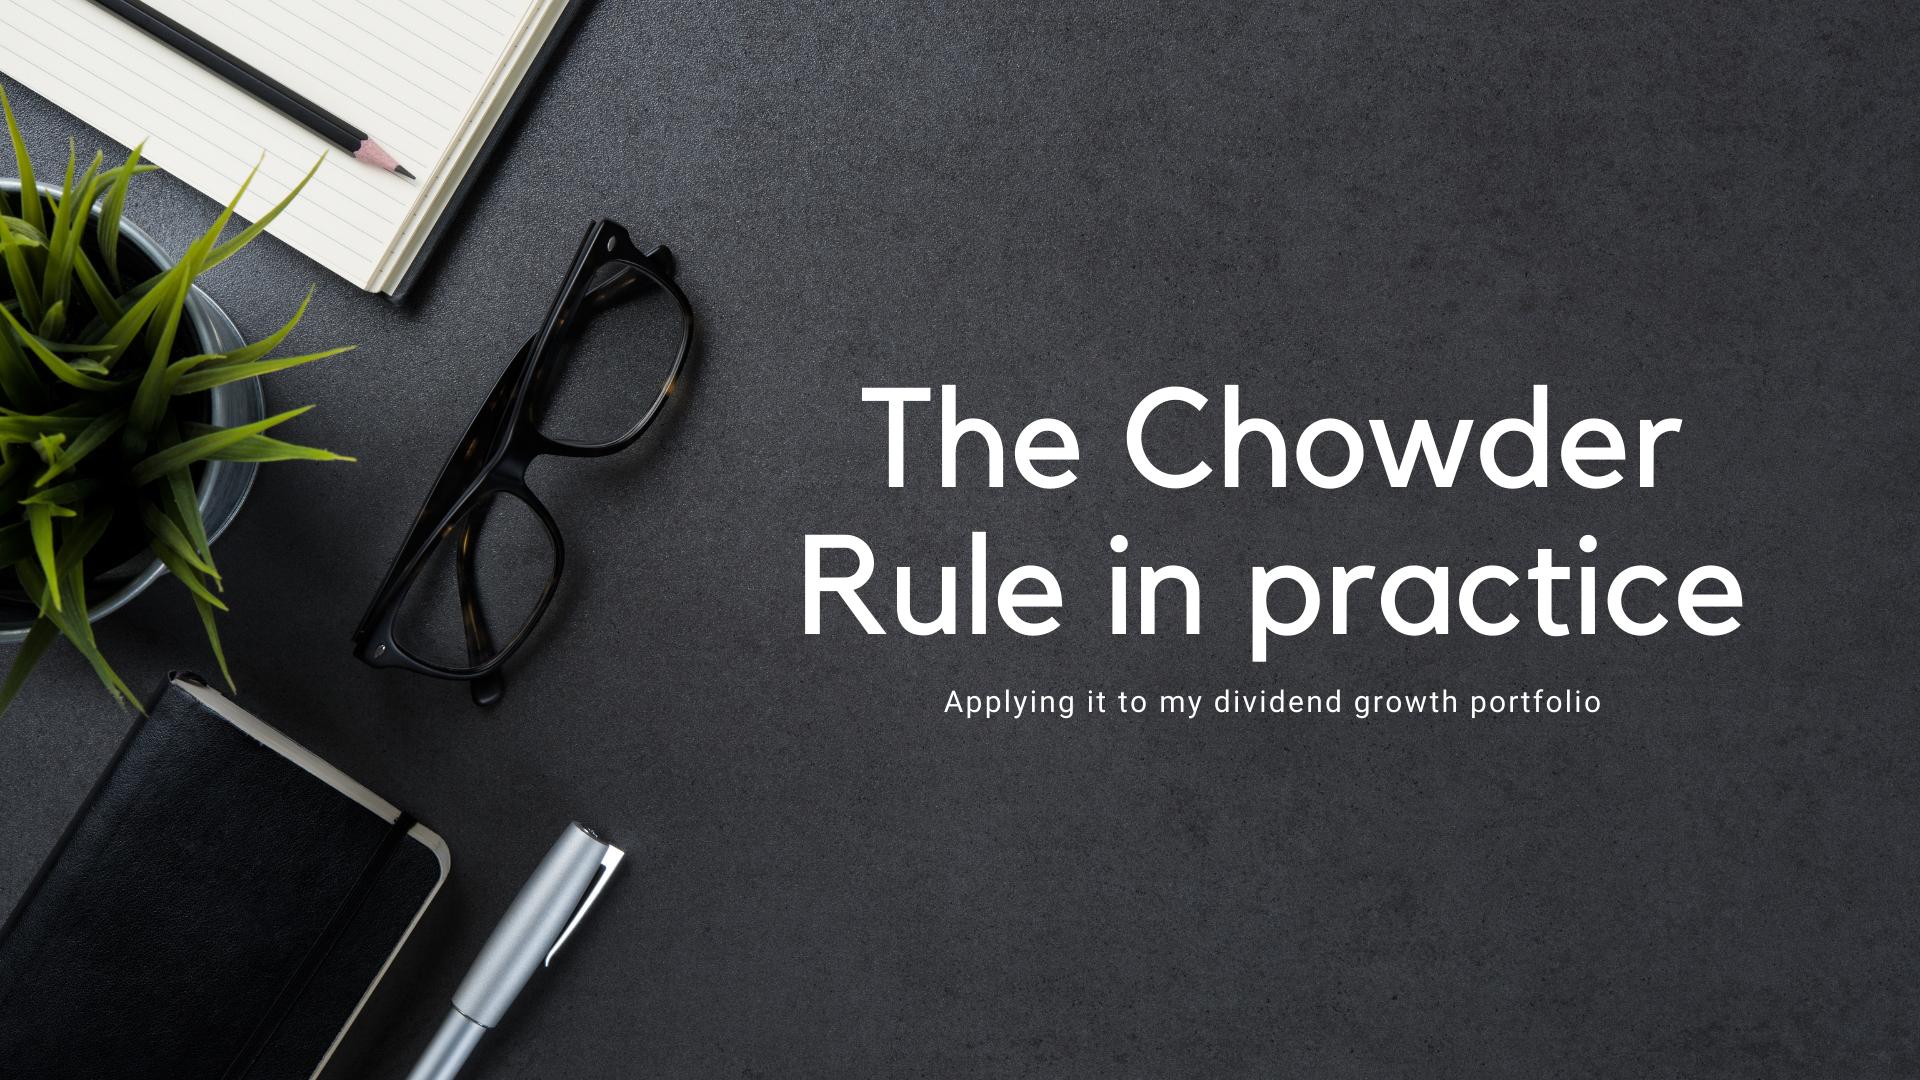 Chowder Rule